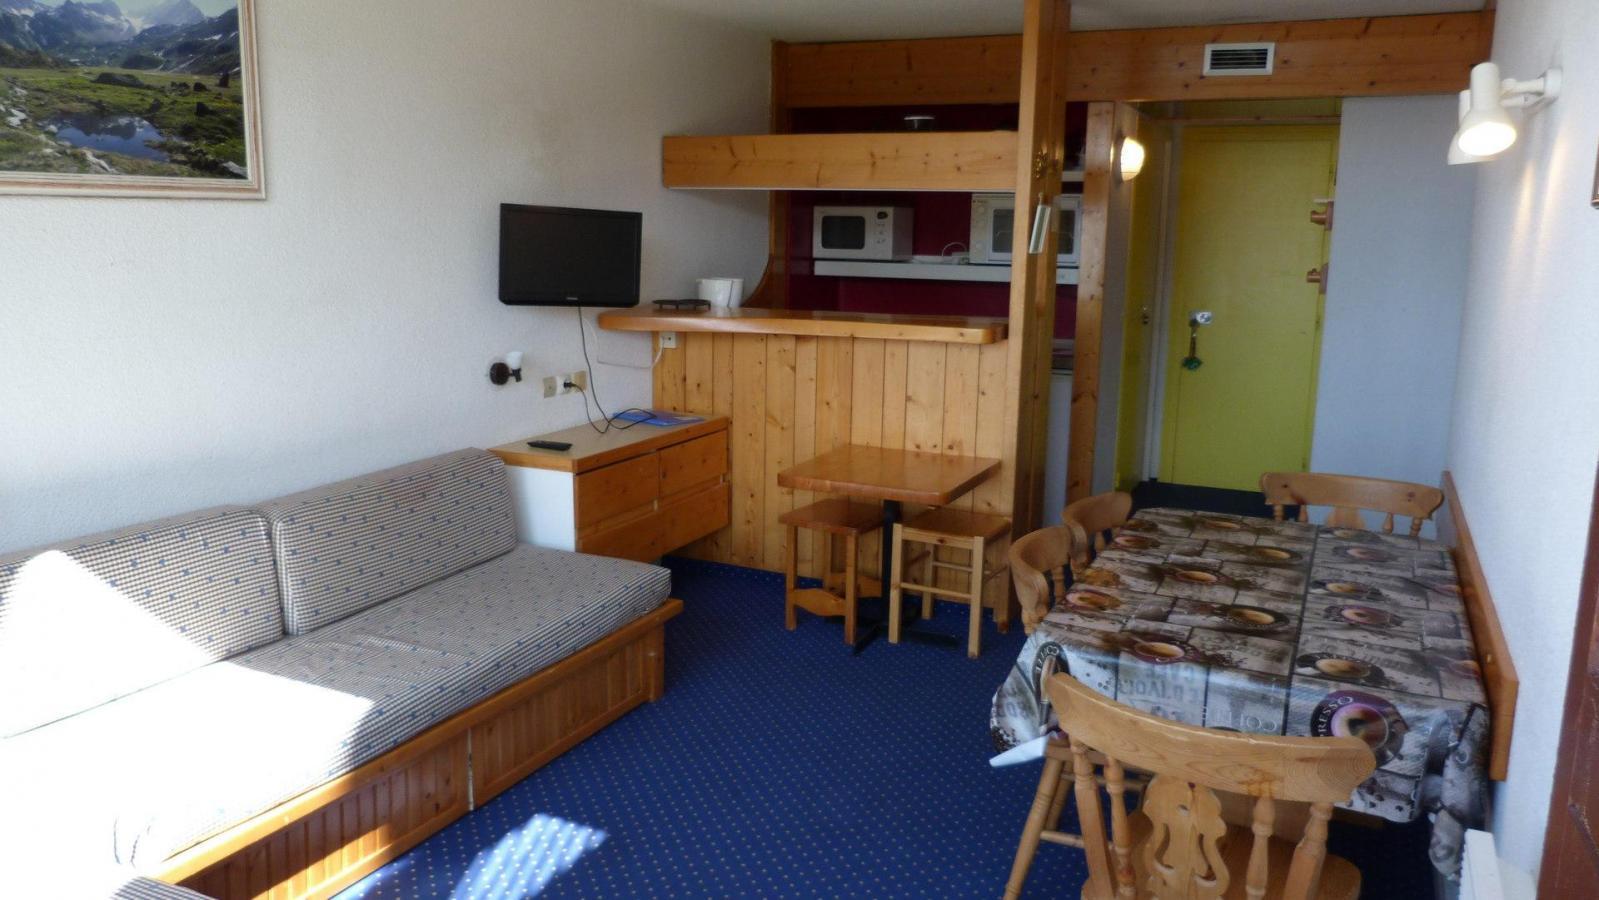 Location au ski Appartement 2 pièces 5 personnes (010) - Residence Les Tournavelles - Les Arcs - Kitchenette